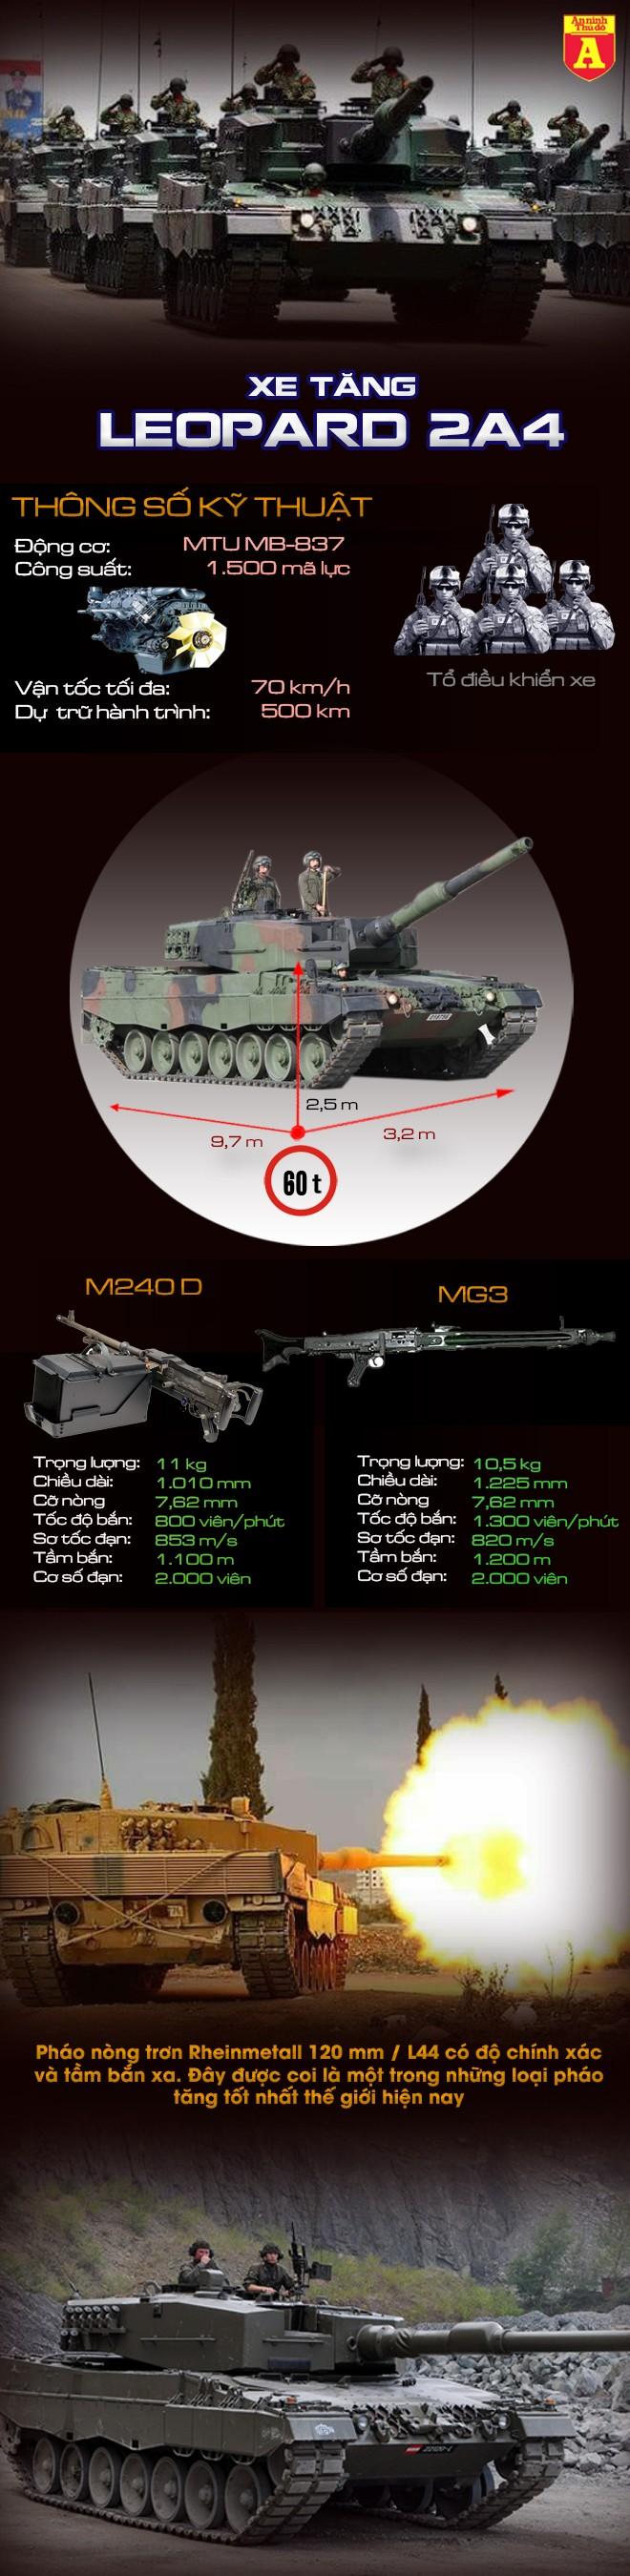 [Infographic] Vừa tung vào tham chiến tại Syria, xe tăng hiện đại của Thổ Nhĩ Kỳ đã bị bắn cháy ảnh 2